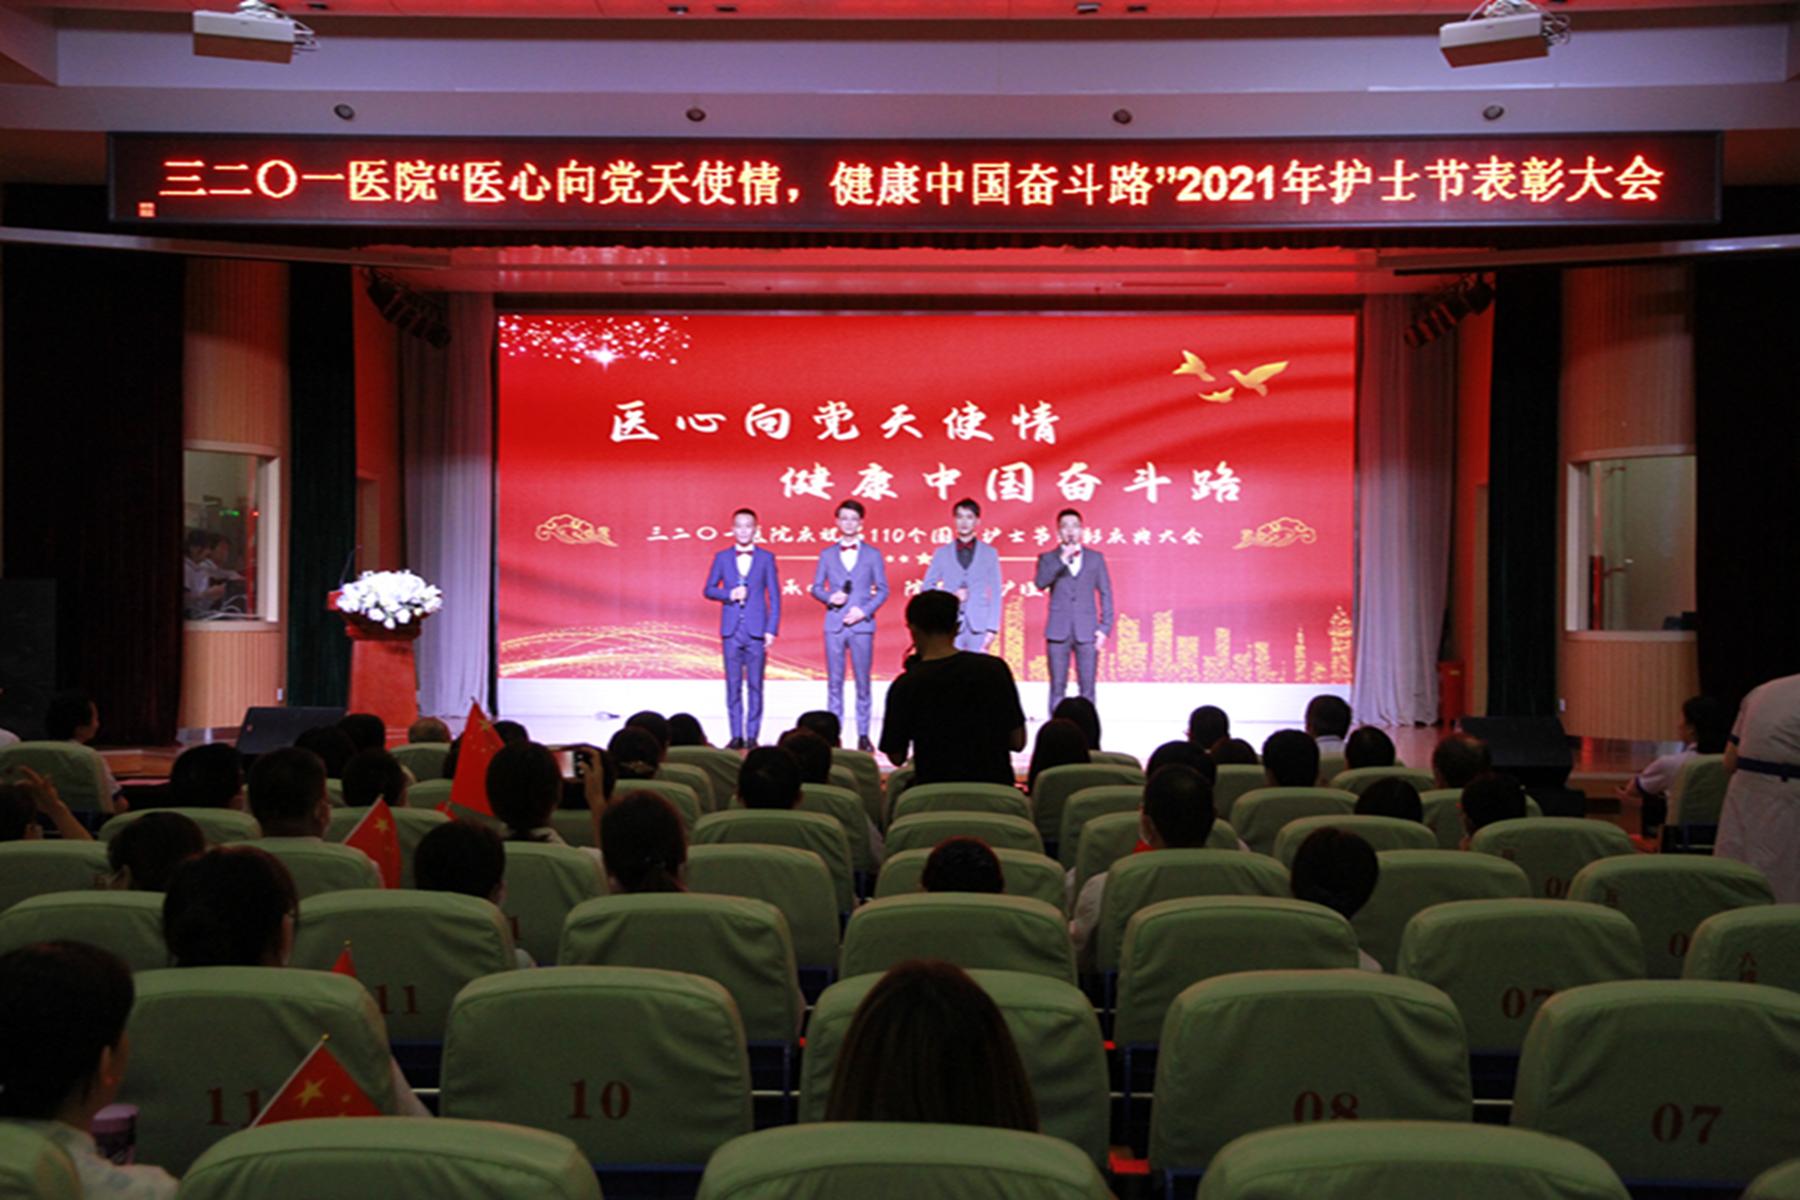 医心向党天使情健康中国奋斗路——3201医院庆祝第110个5.12国际护士节